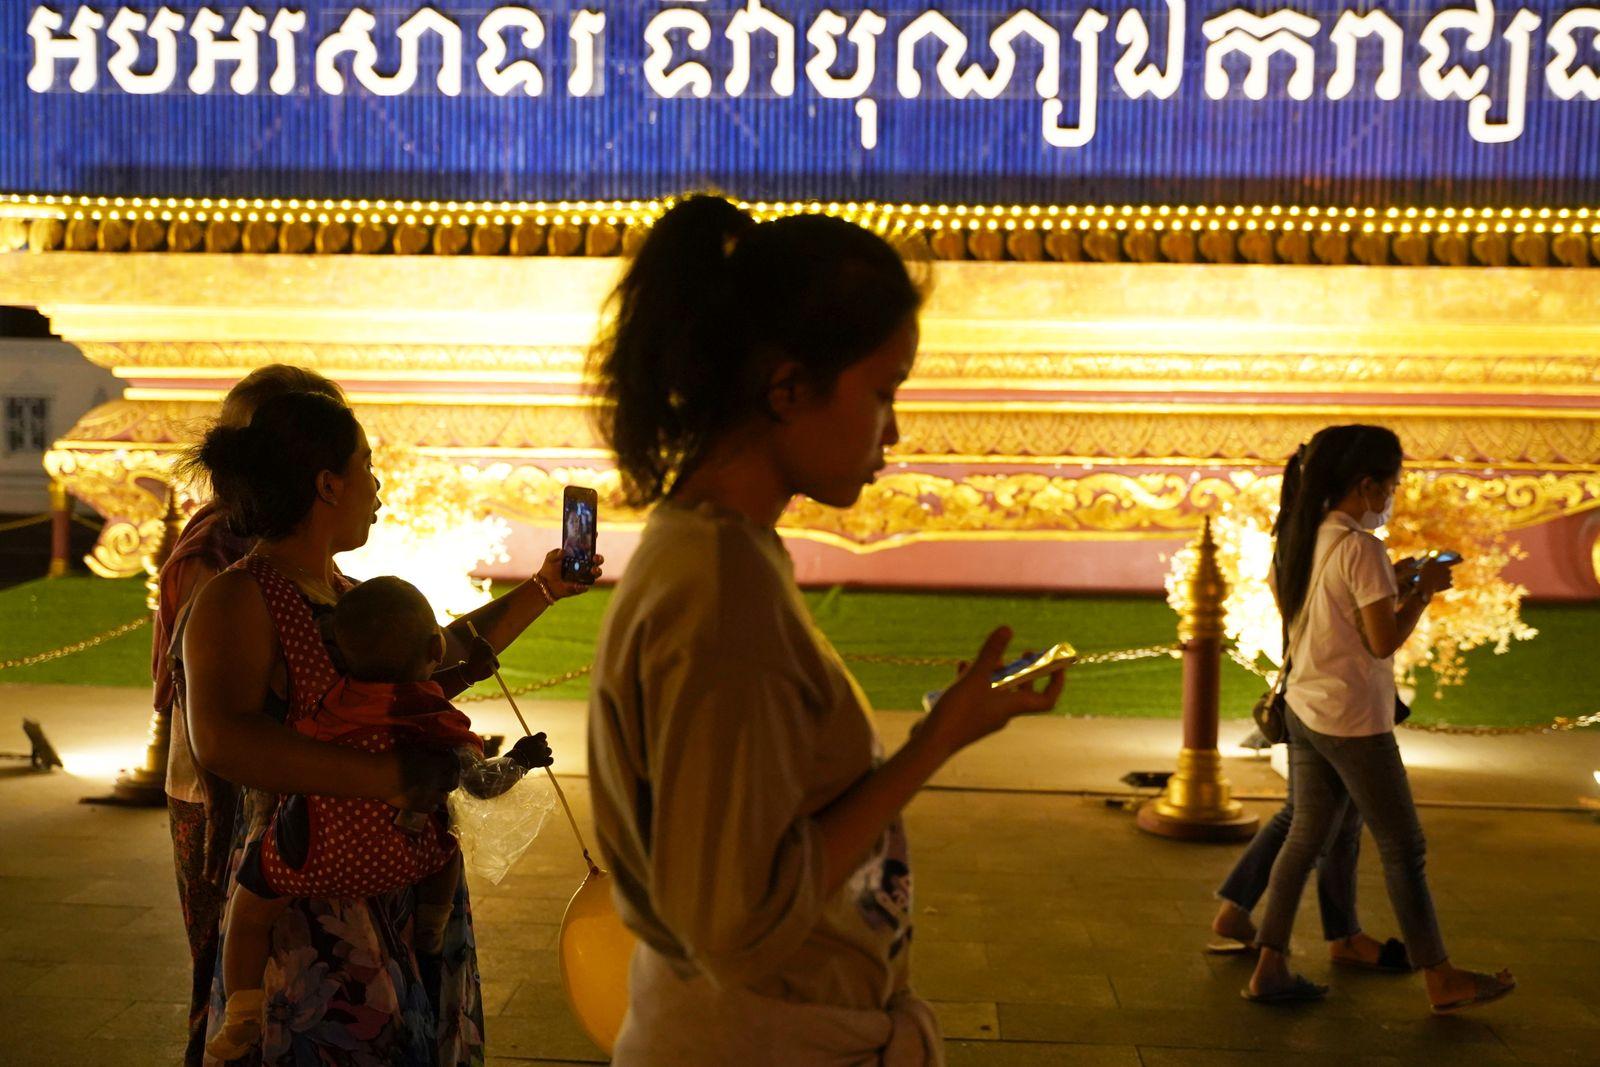 People walk using their mobiles phones in Phnom Penh